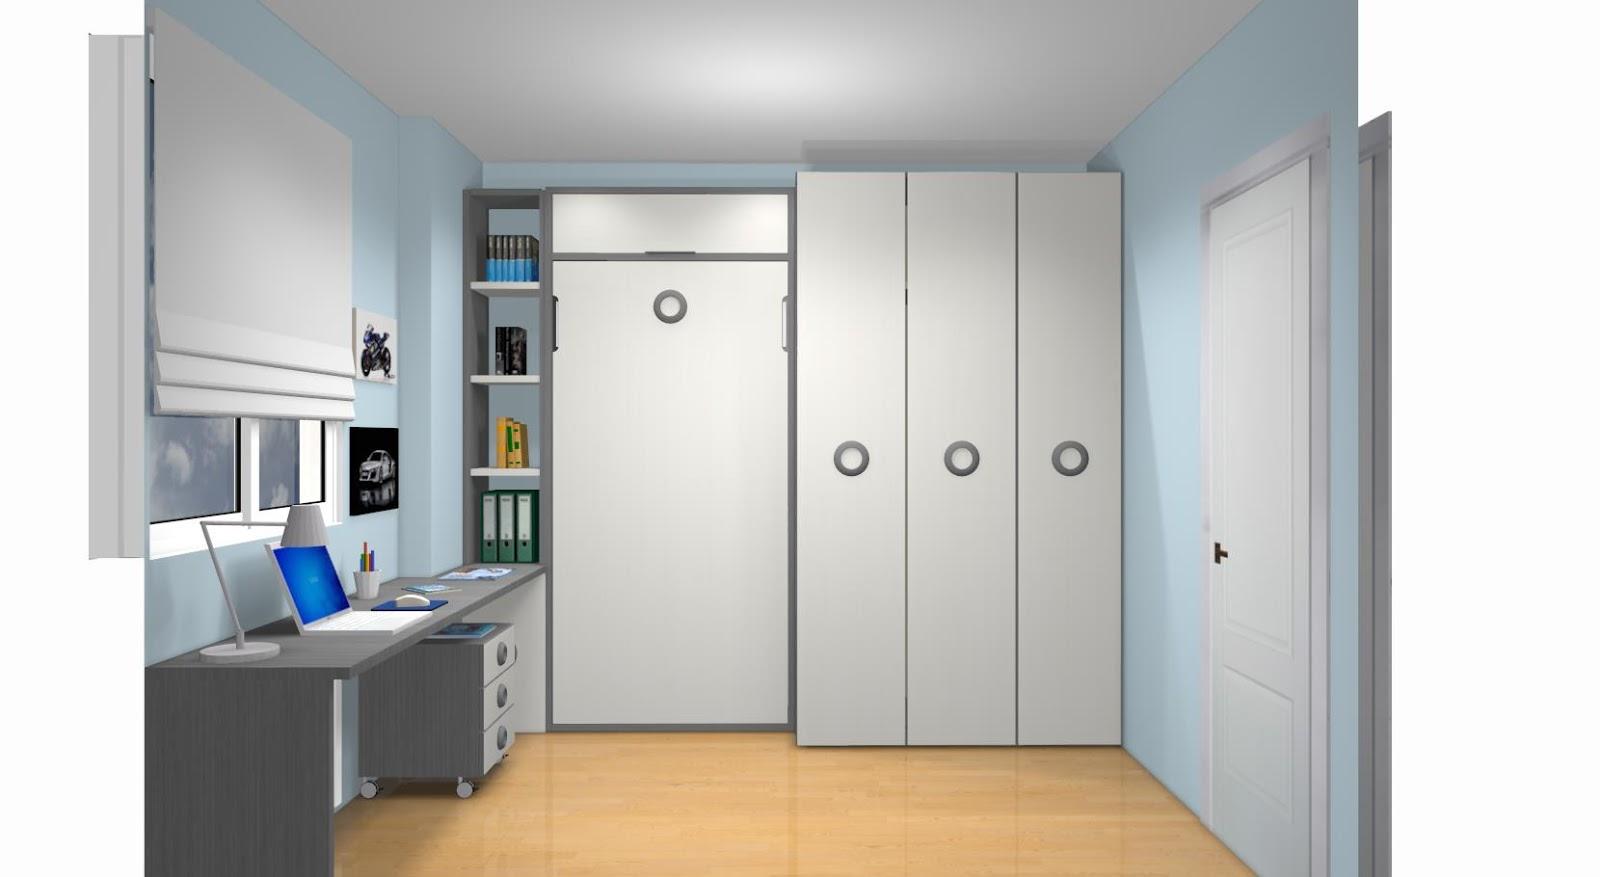 Dormitorios juveniles a medida en madrid for Dormitorios juveniles a medida